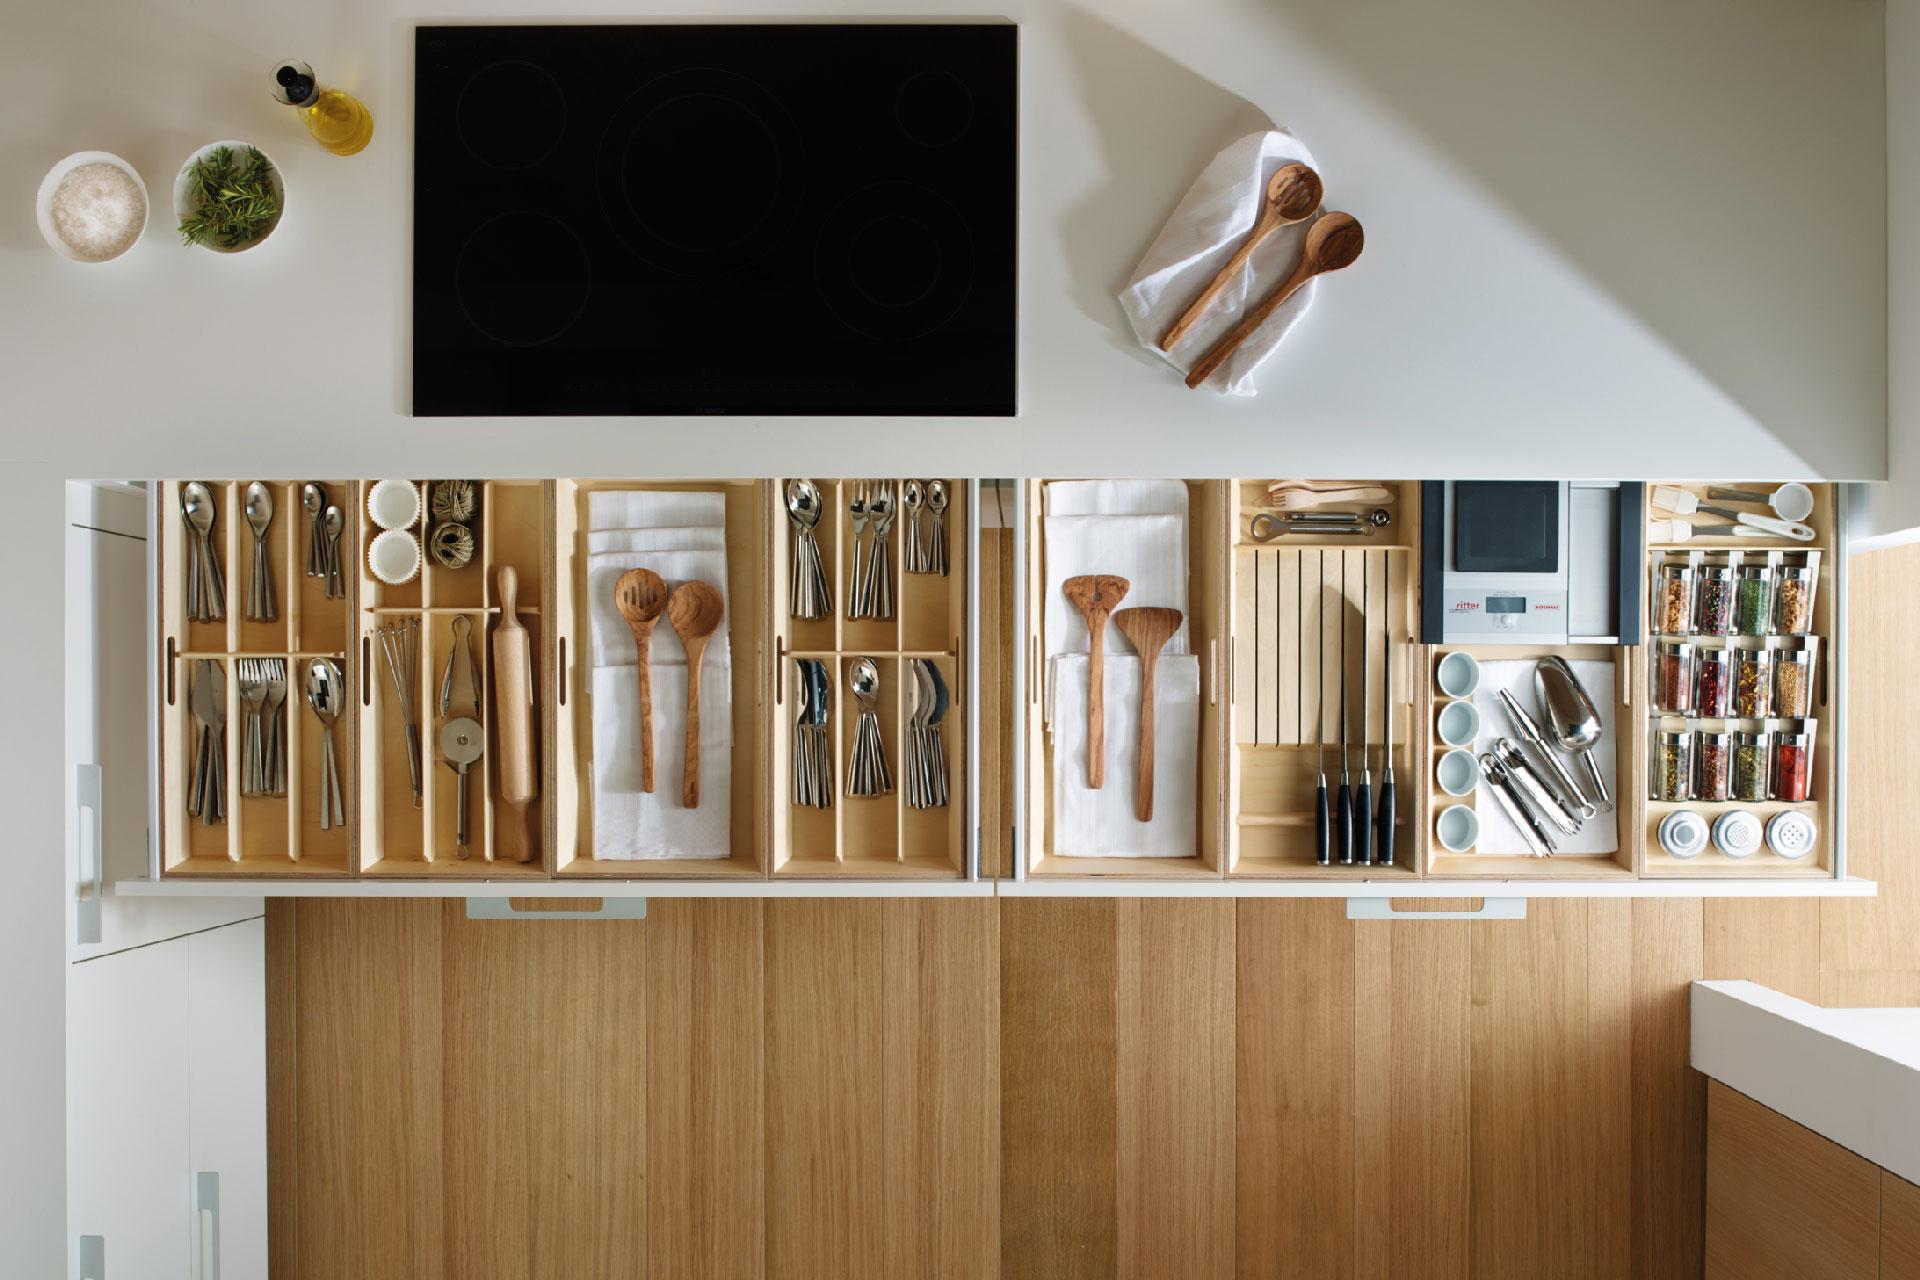 Accesorios para tu cocina Santos: orden y belleza   Cubertero, especiero, bandejas   Santiago Interiores